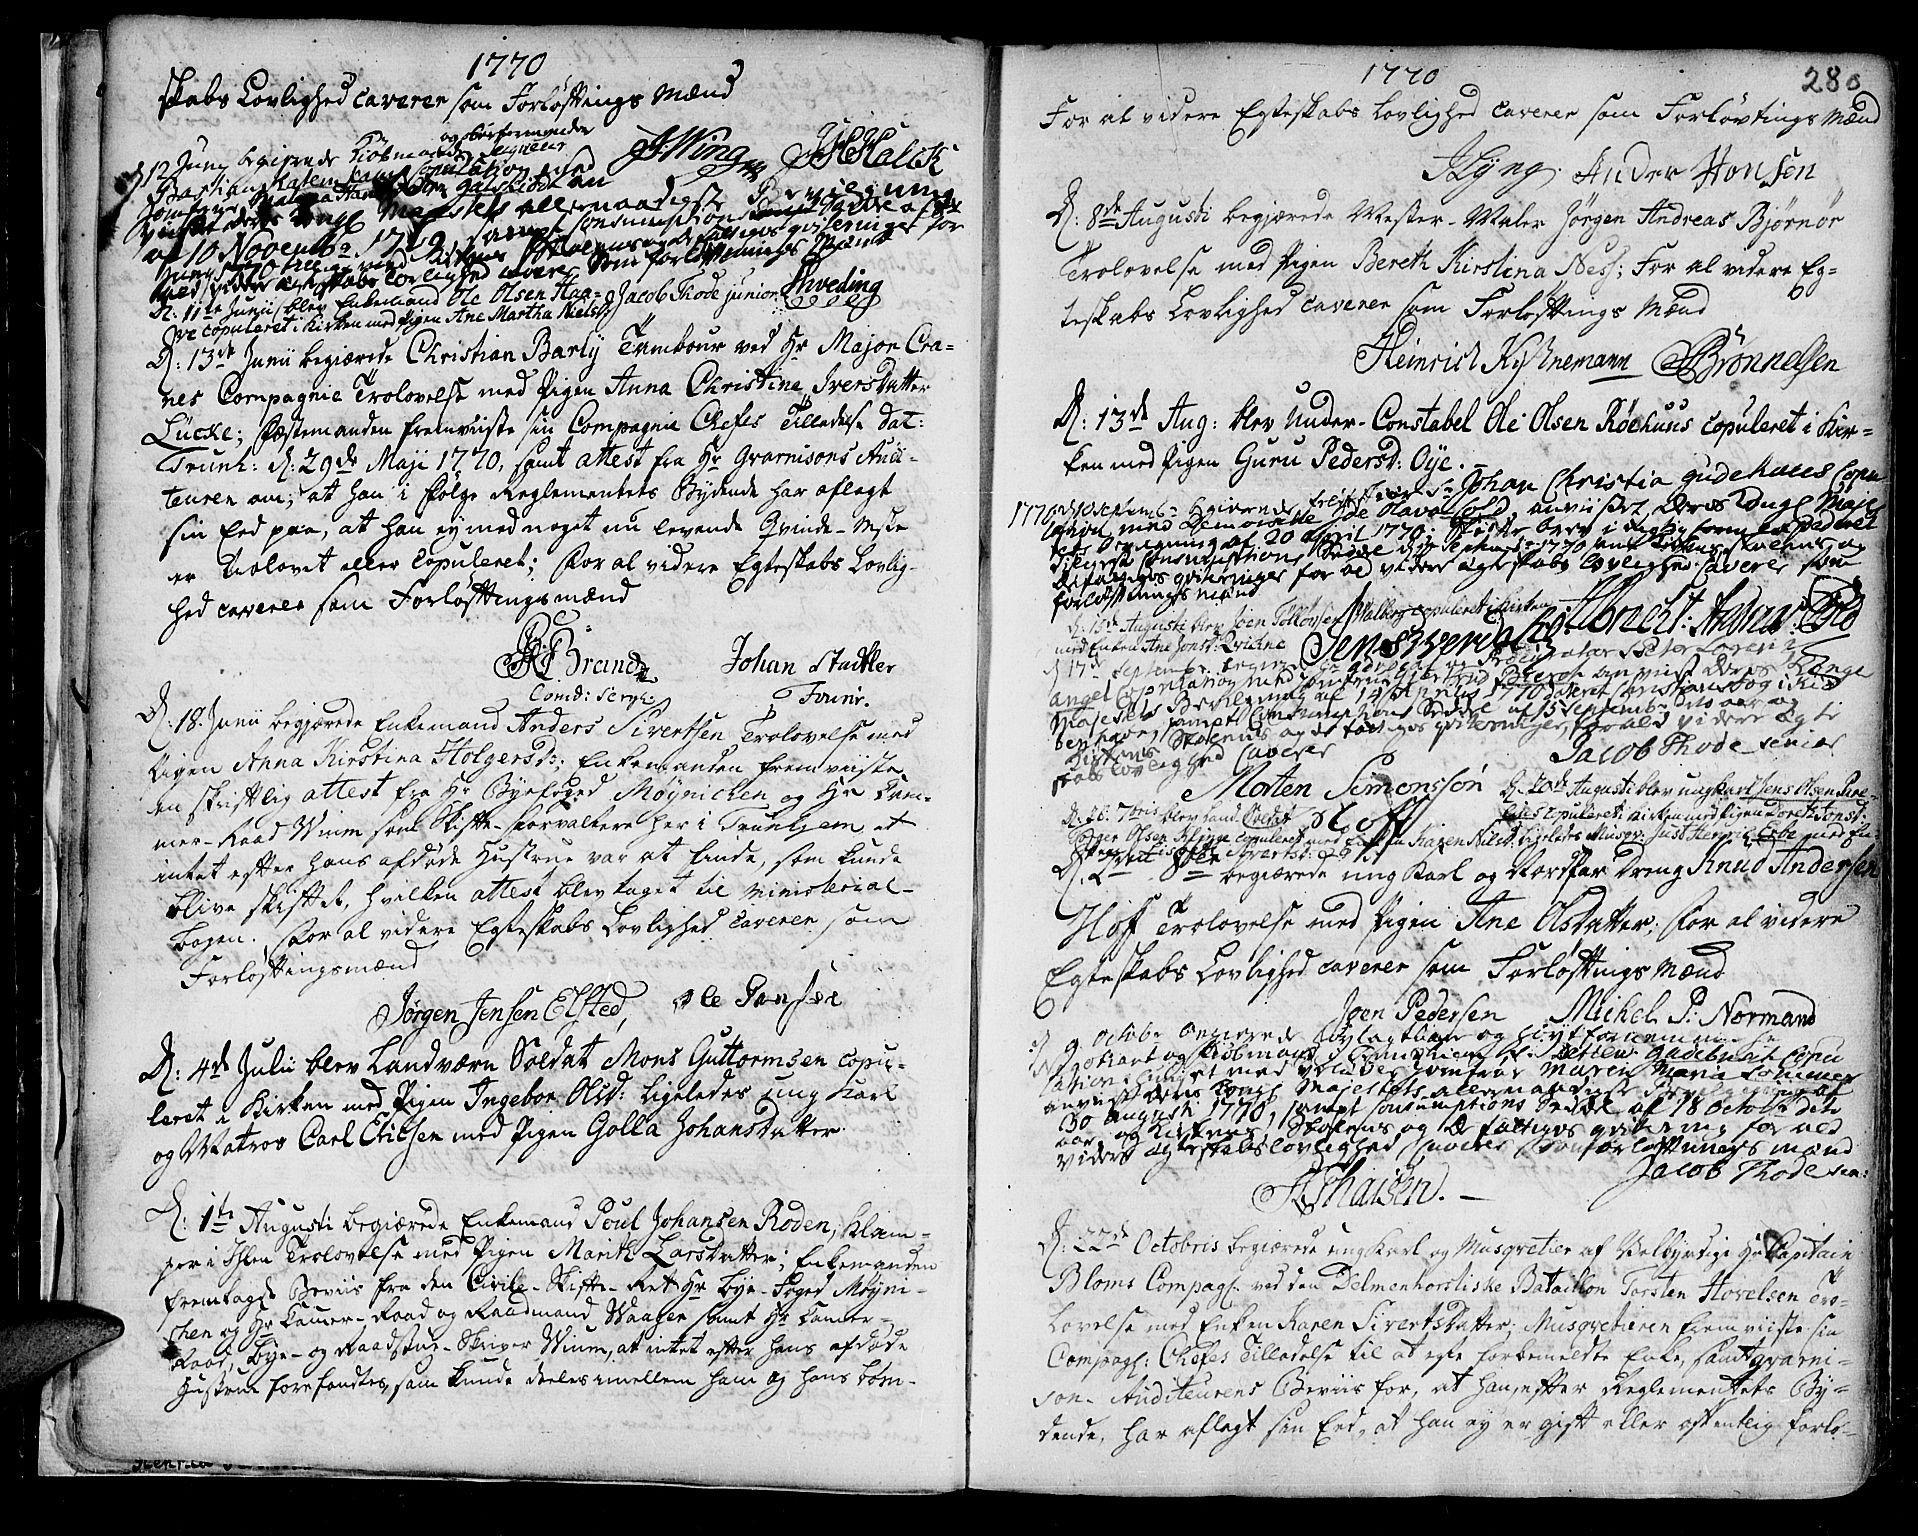 SAT, Ministerialprotokoller, klokkerbøker og fødselsregistre - Sør-Trøndelag, 601/L0038: Ministerialbok nr. 601A06, 1766-1877, s. 280